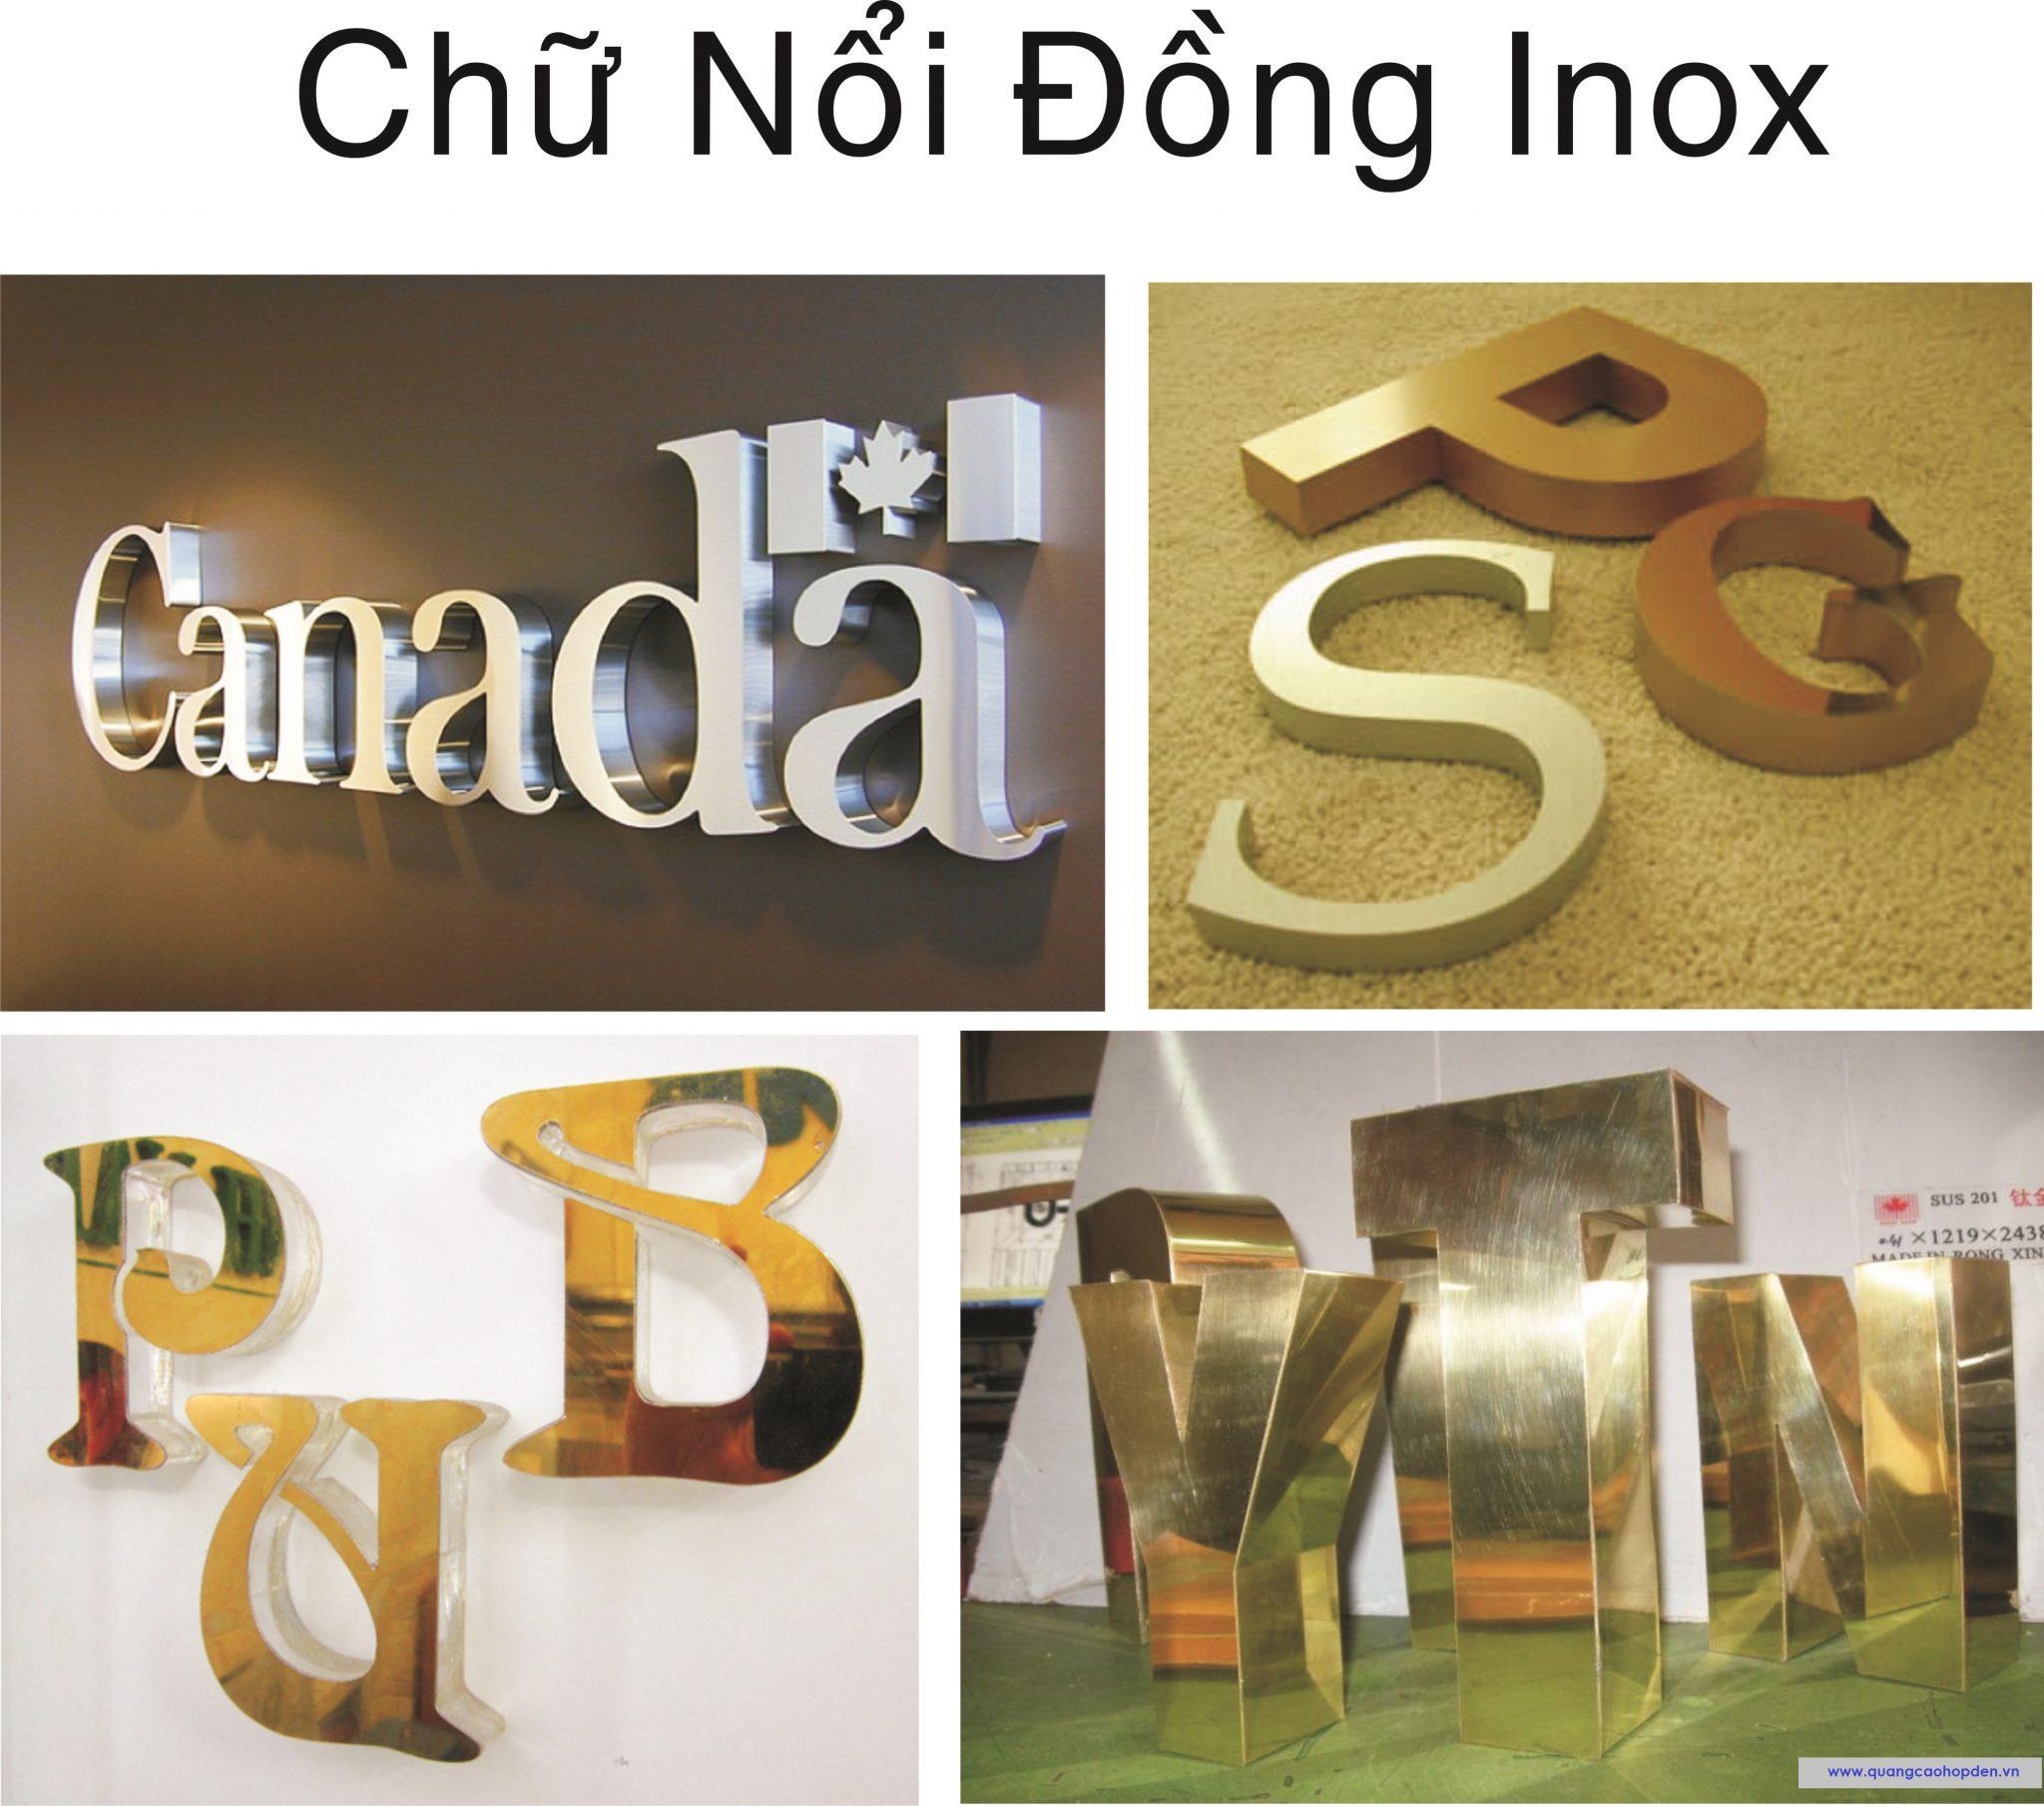 chu-noi-dong-inox